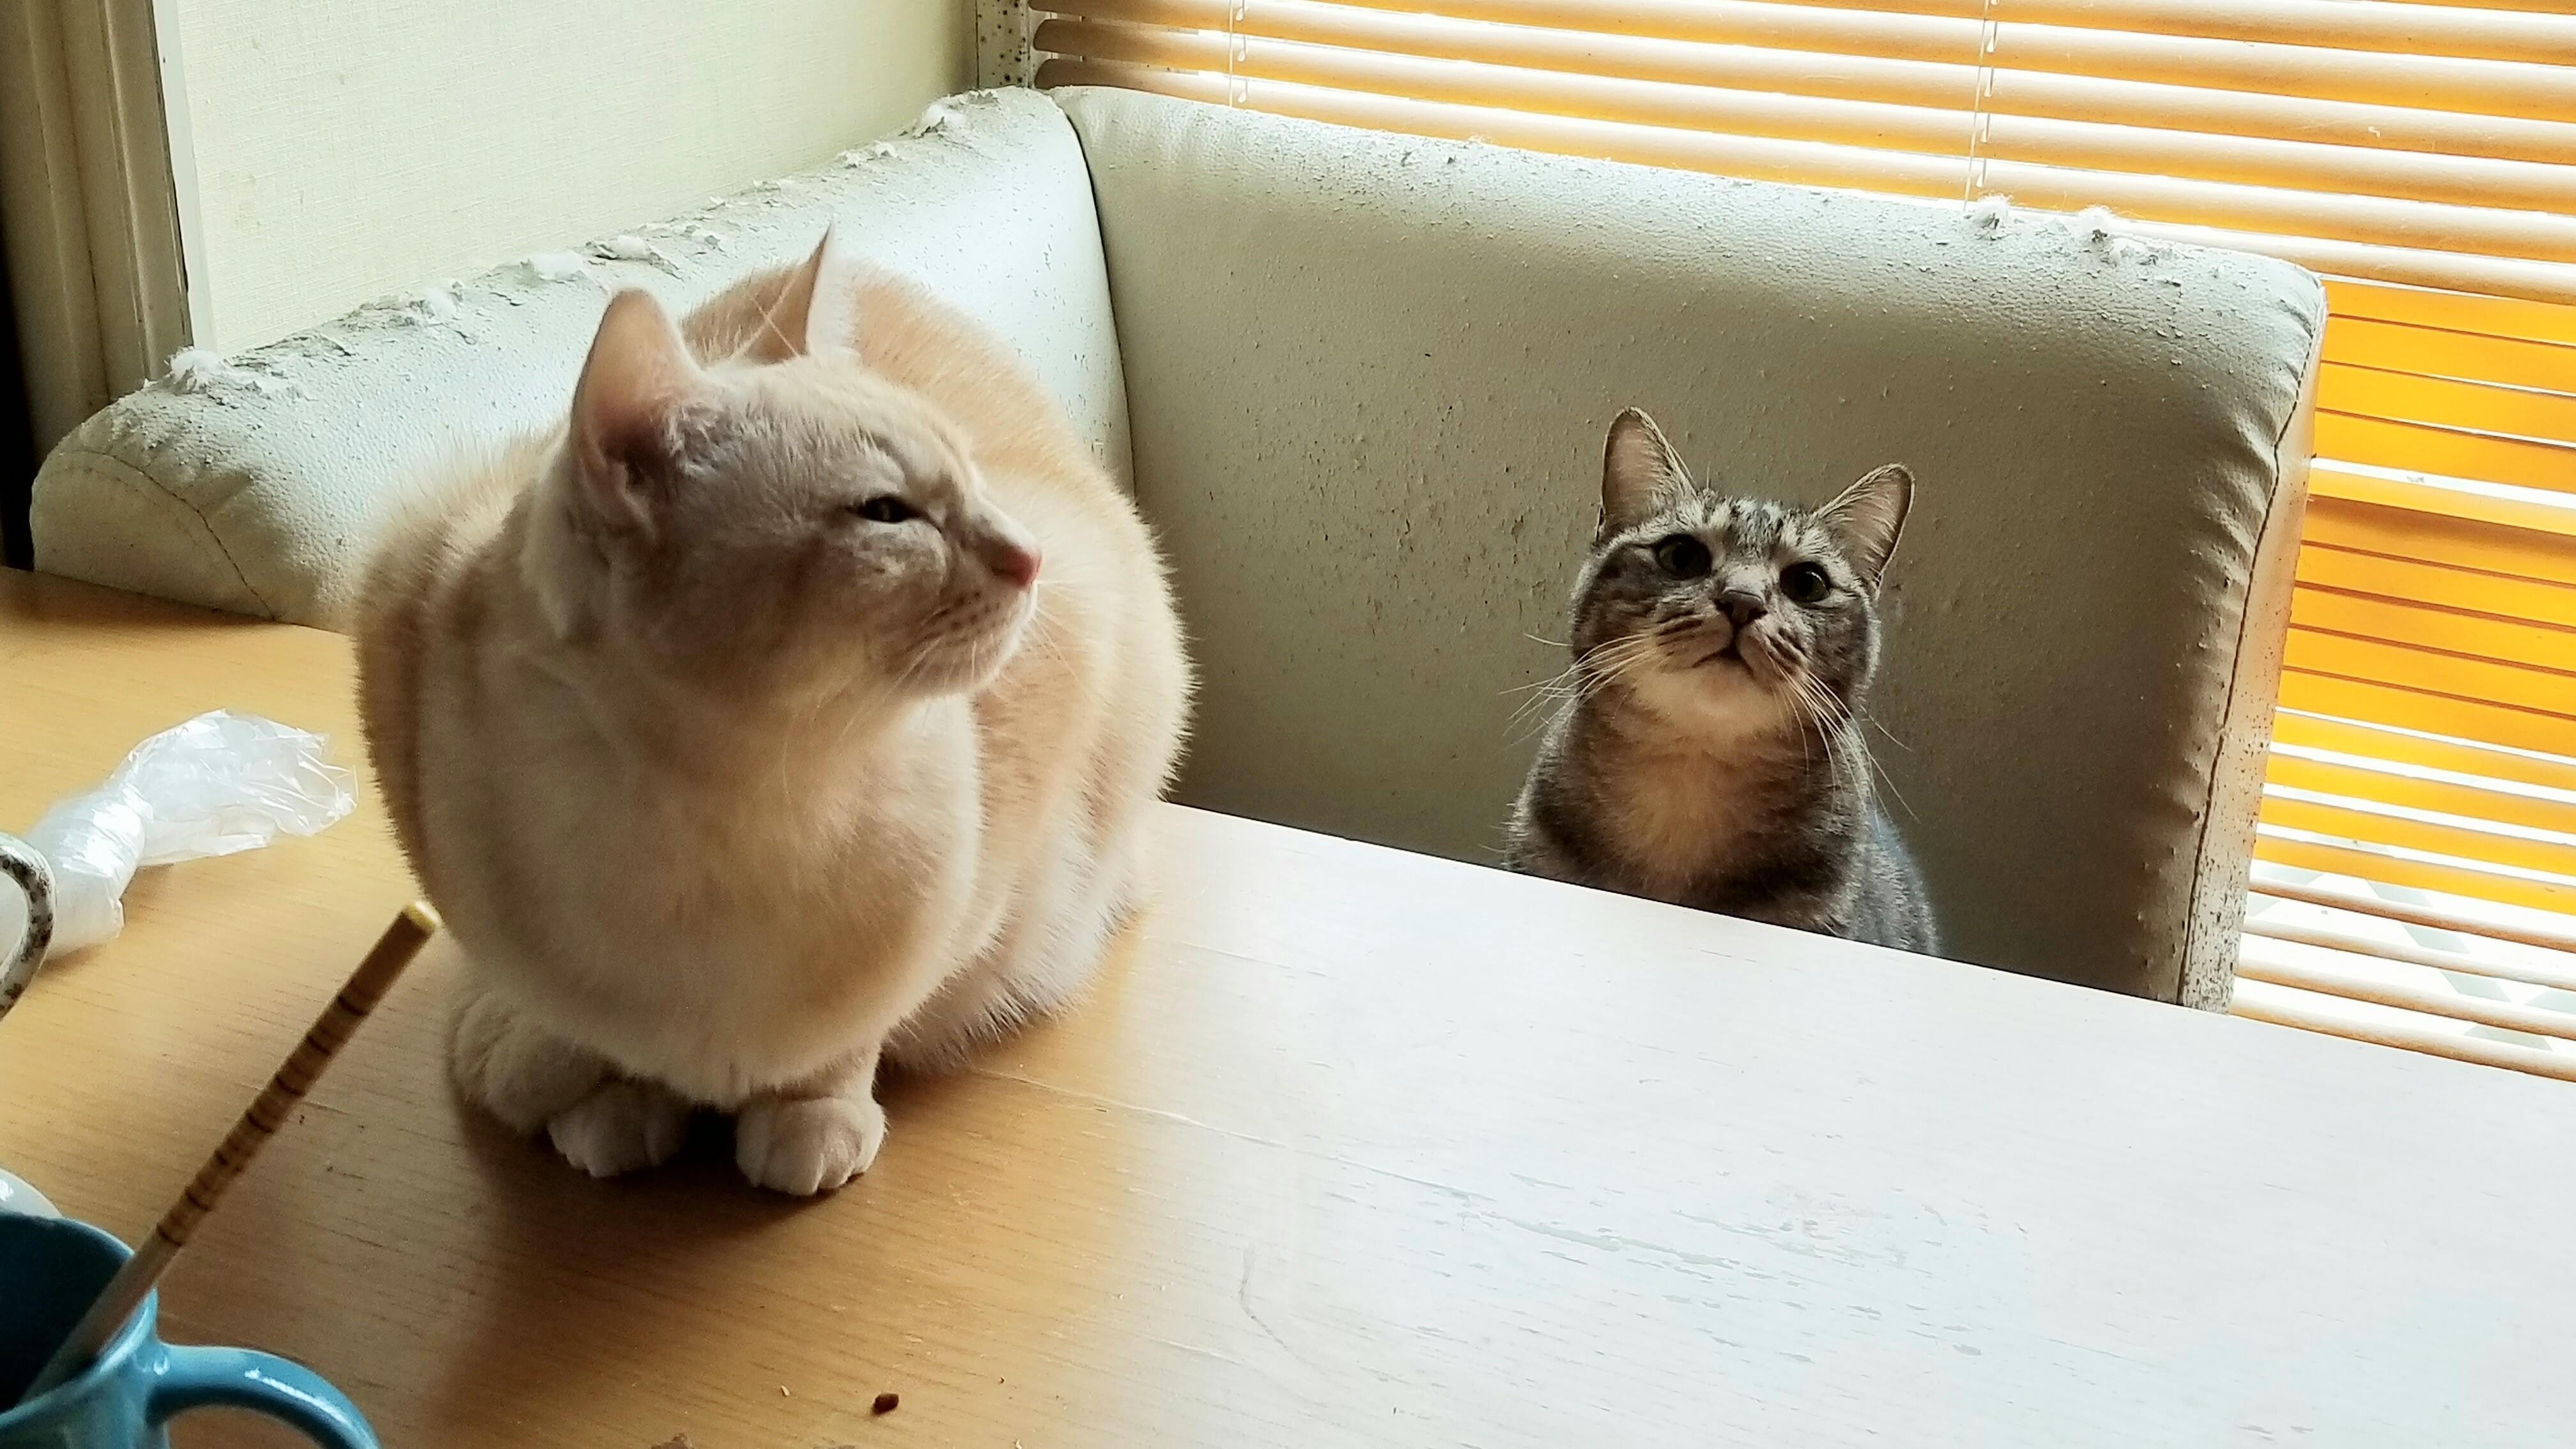 一番かわいいにゃんこラブ獲物を狙う目つき保護猫派飼った面白い